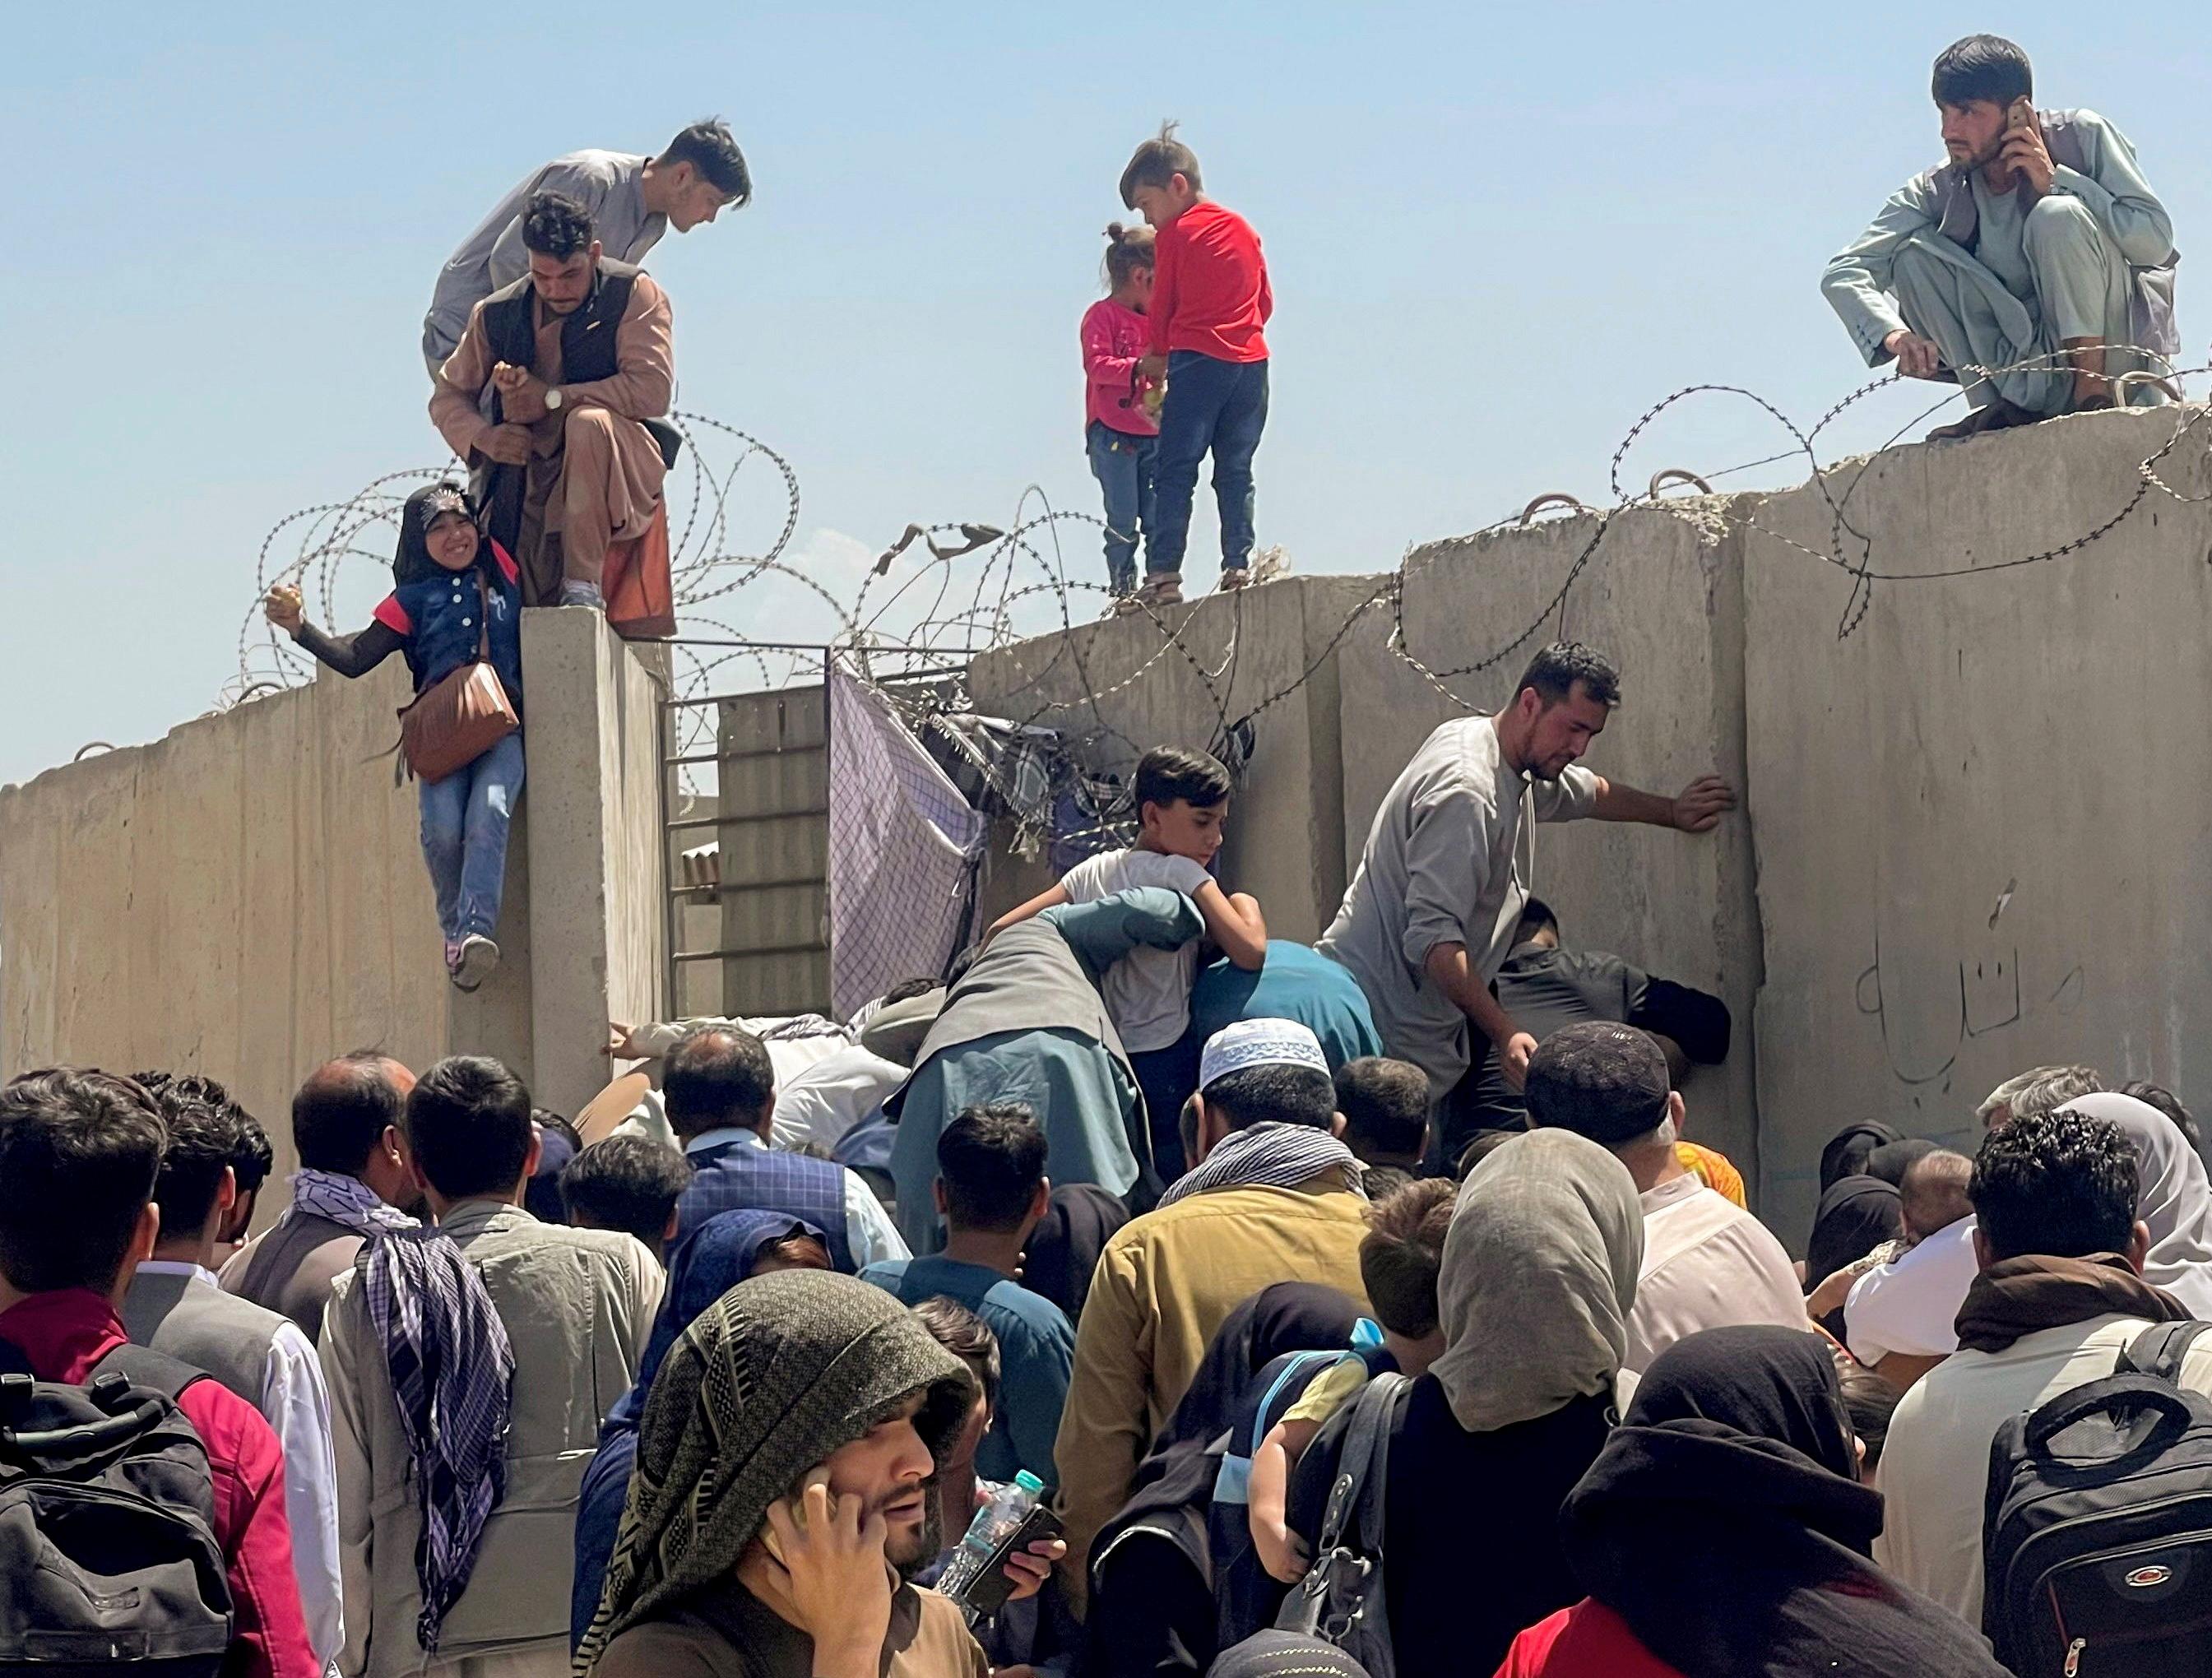 काबुल एयरपोर्ट की दीवार फांदकर अंदर घुसने की कोशिश करते लोग। यहां पर हजारों की संख्या में लोग पहुंचे हुए हैं जो भागने के लिए किसी प्लेन में जगह मिलने का इंतजार कर रहे हैं।